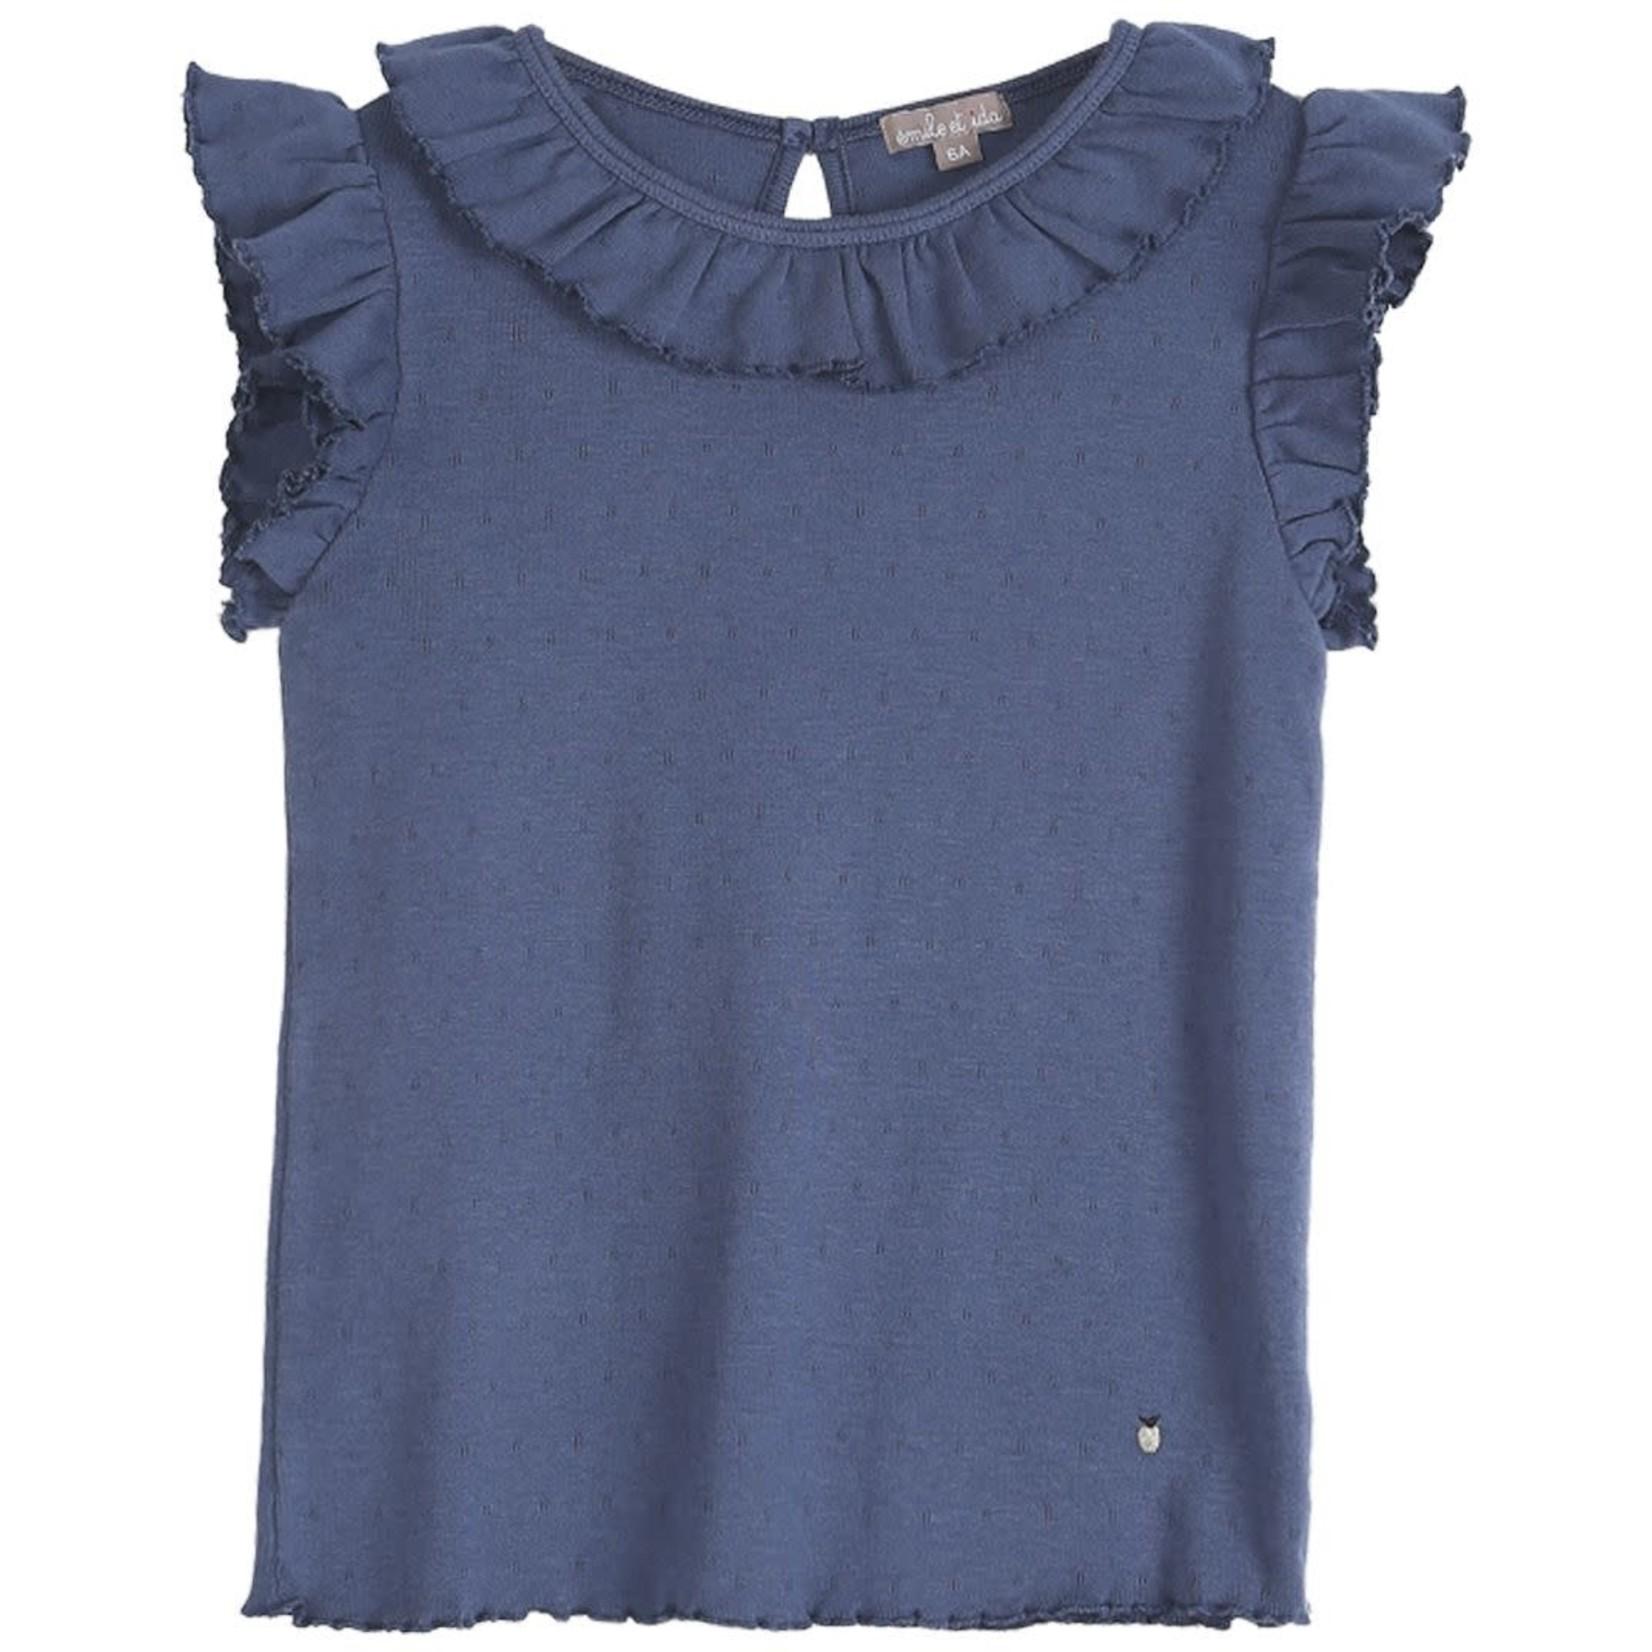 EMILE ET IDA EMILE & IDA NEW  t-shirt BLUE AJOURE